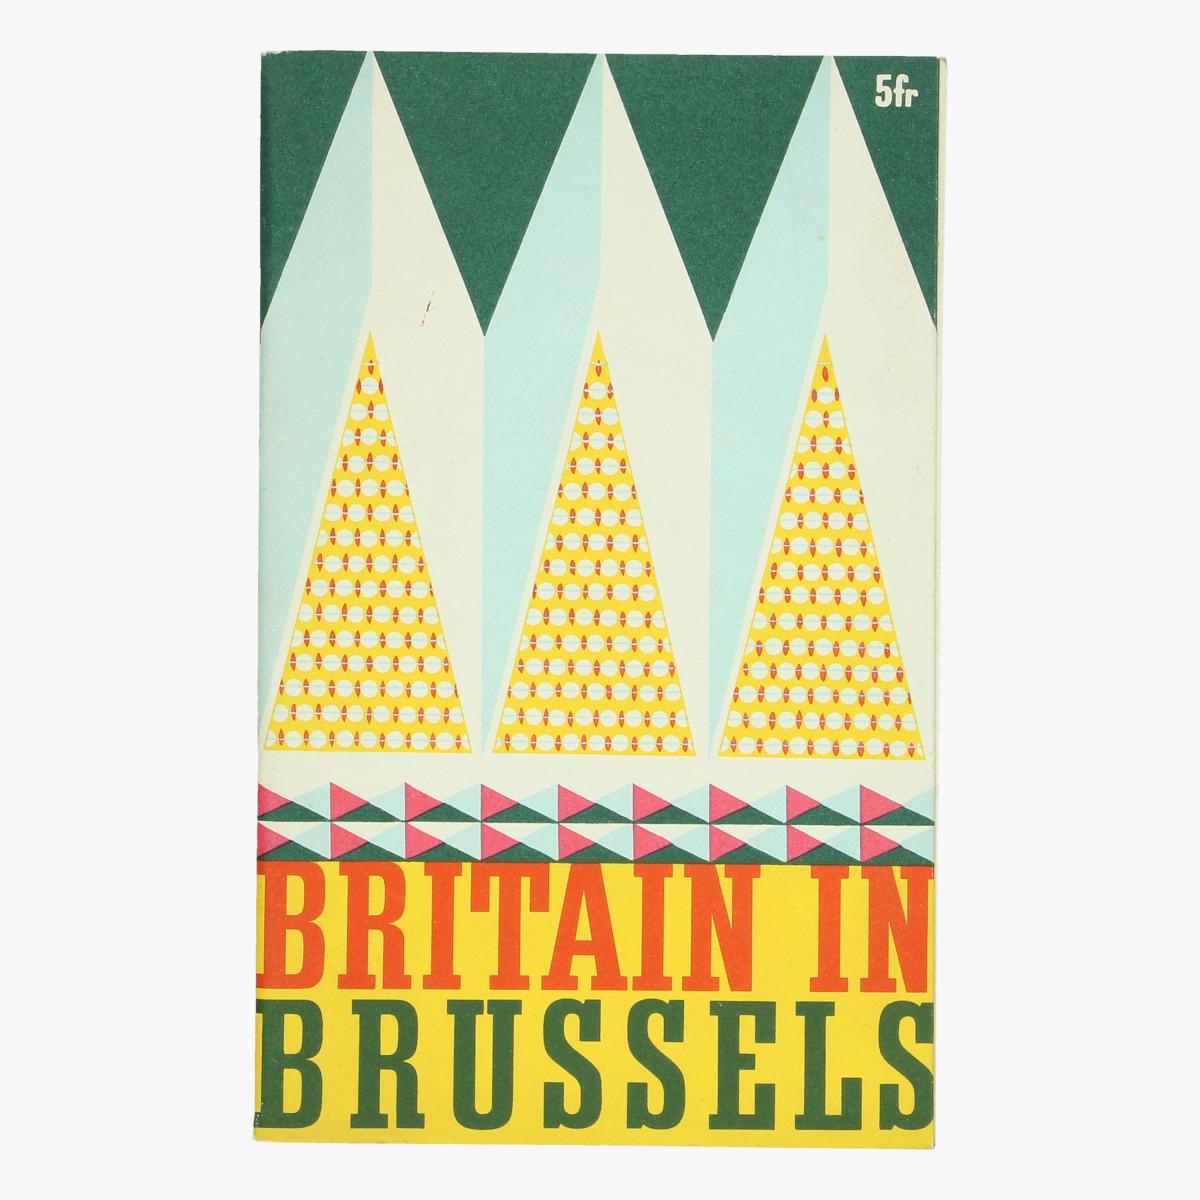 Afbeeldingen van expo 58 boekje  britain in brussels british goverment pavilion